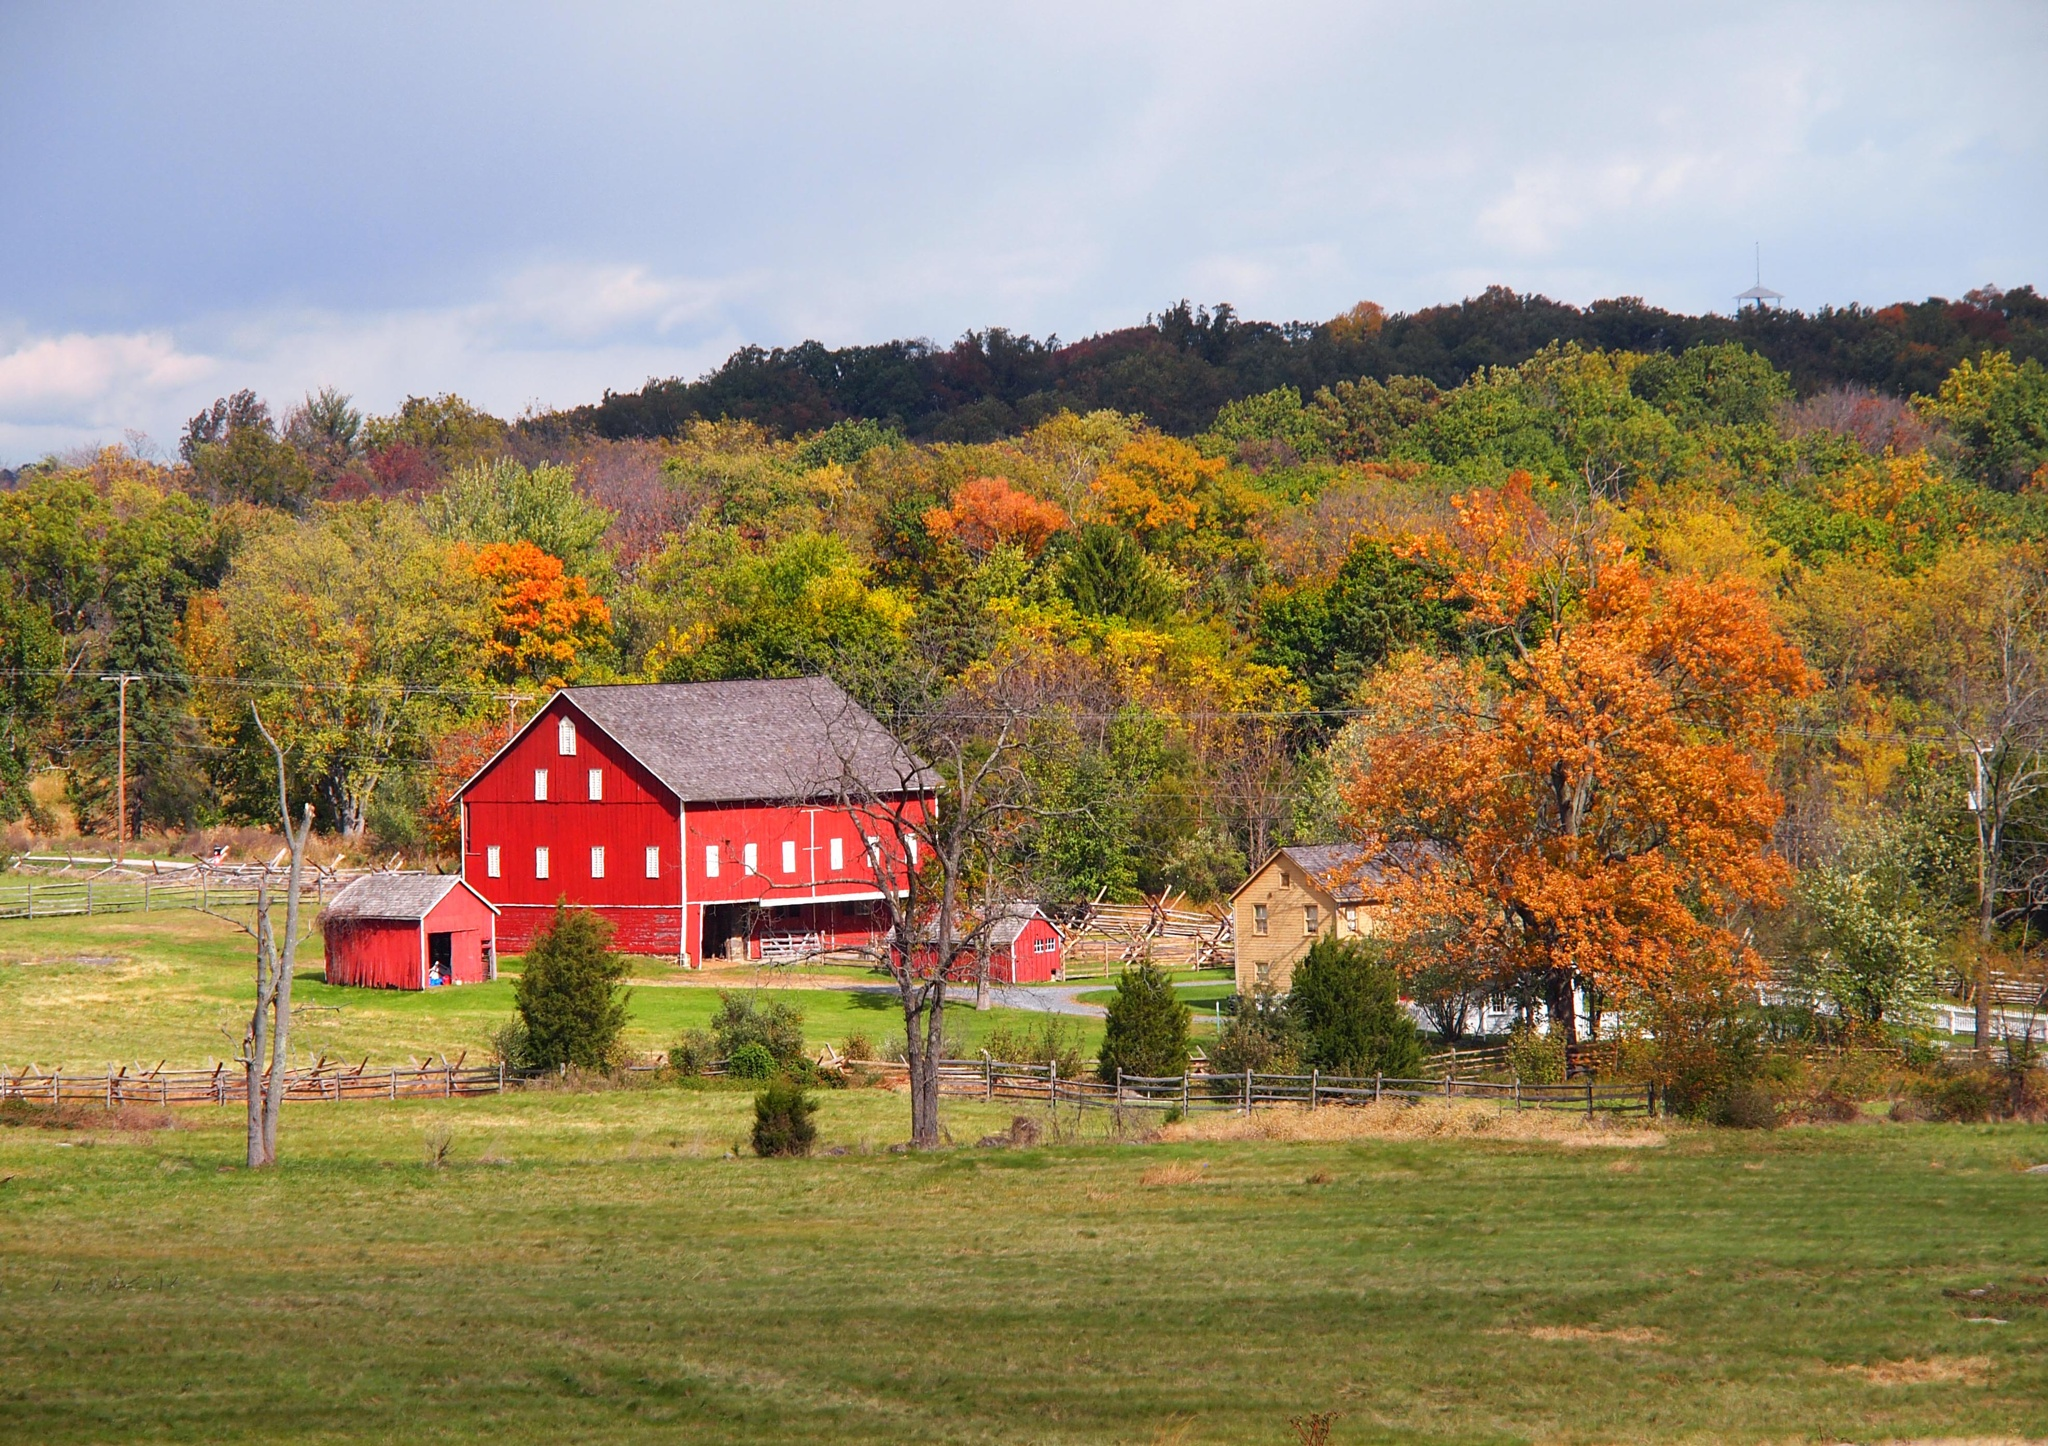 Farm on Gettysburg National Battleground by Christine Grubbs